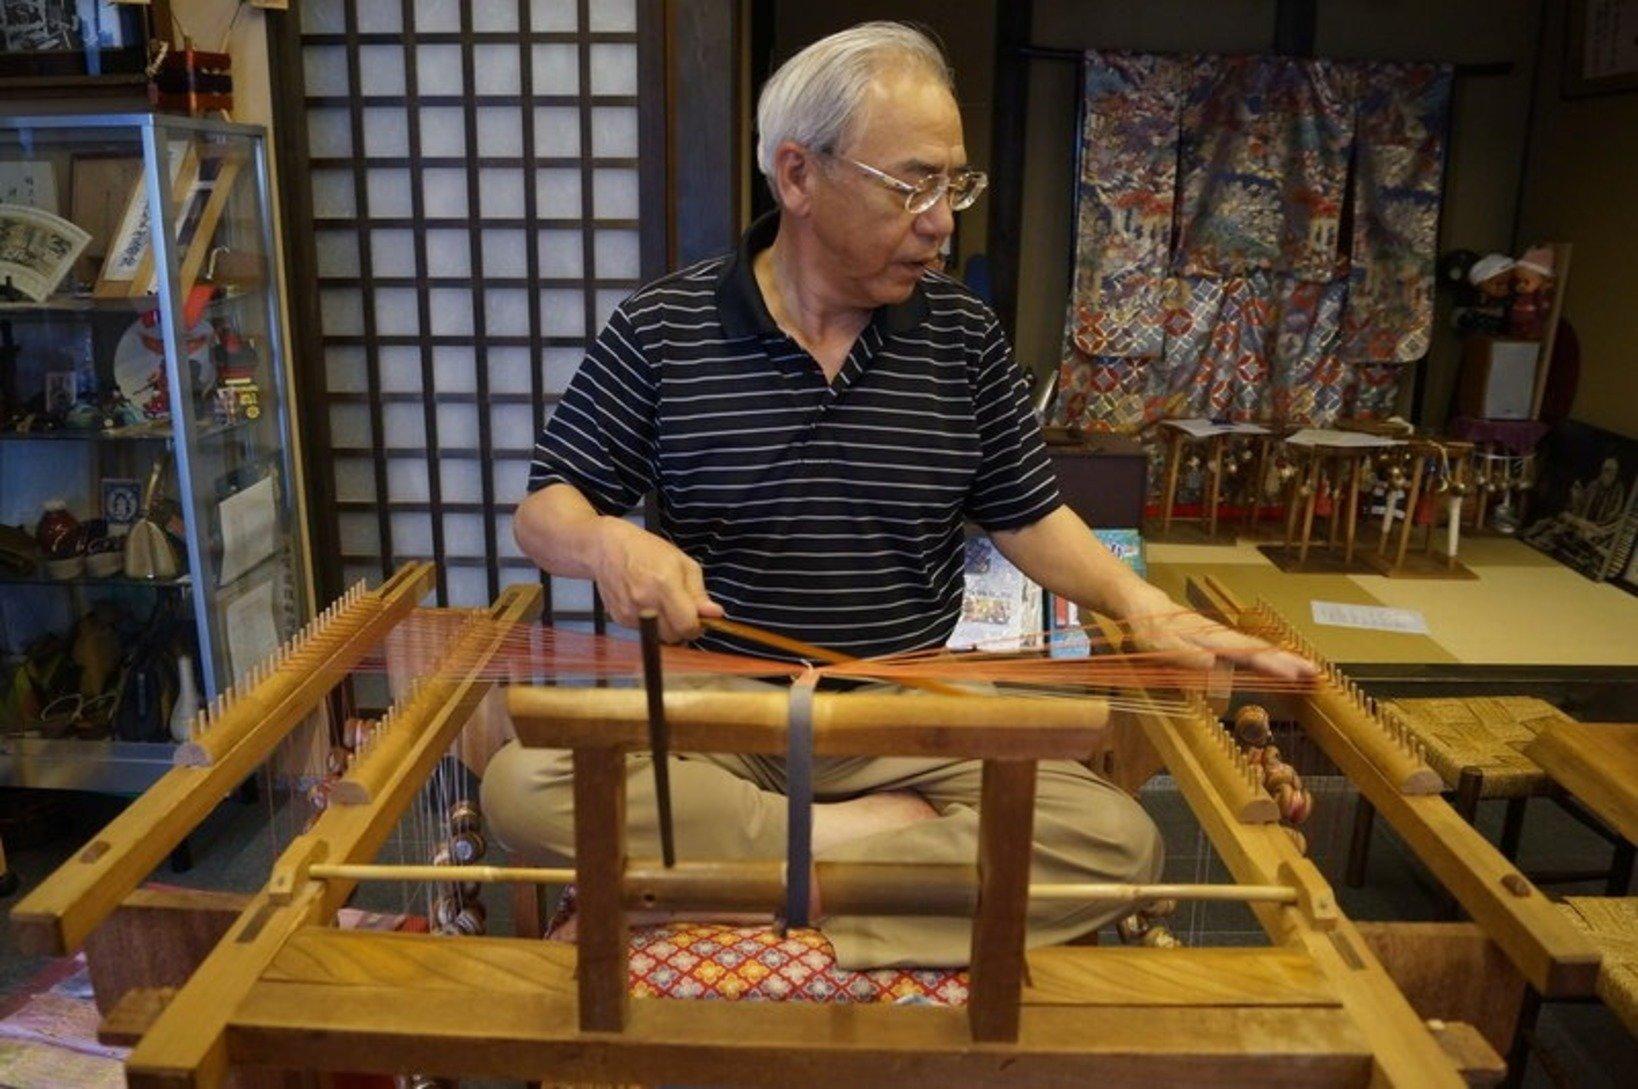 高台に座り糸を組み合わせて紐を作っていく。組紐は地方によって作り方が異なる